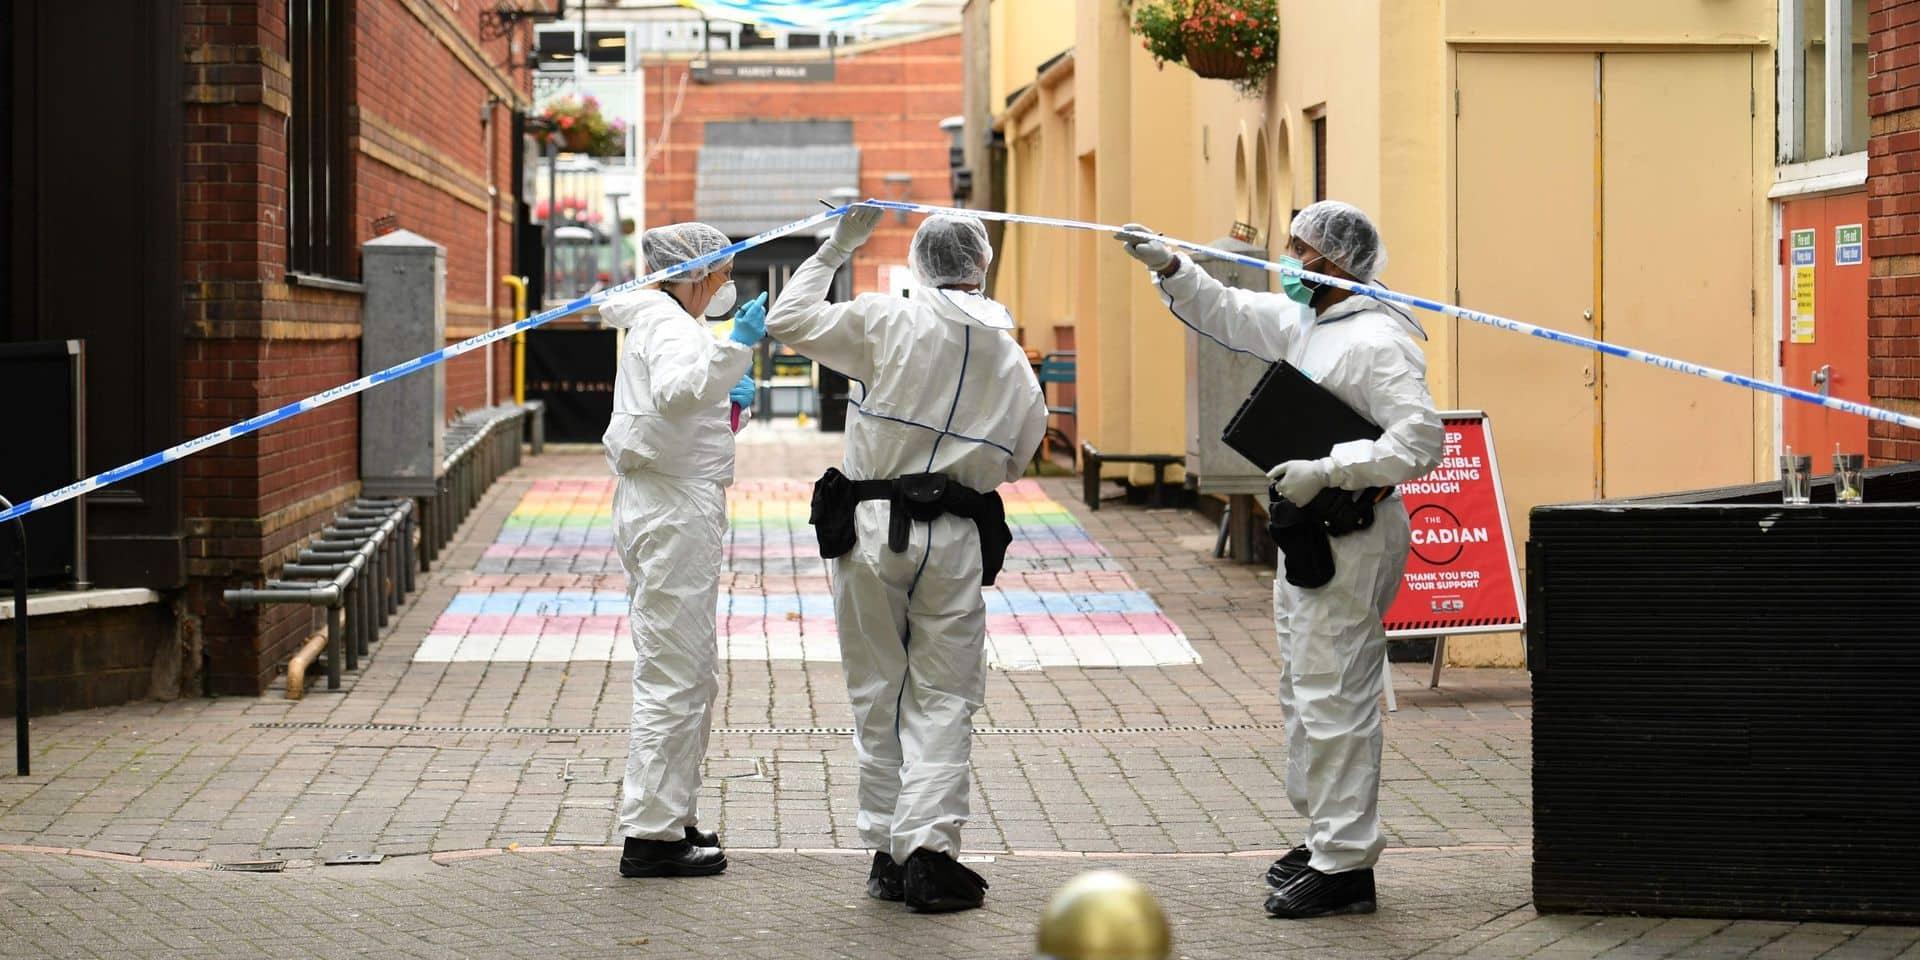 Attaque au couteau à Birmingham: un homme de 27 ans arrêté